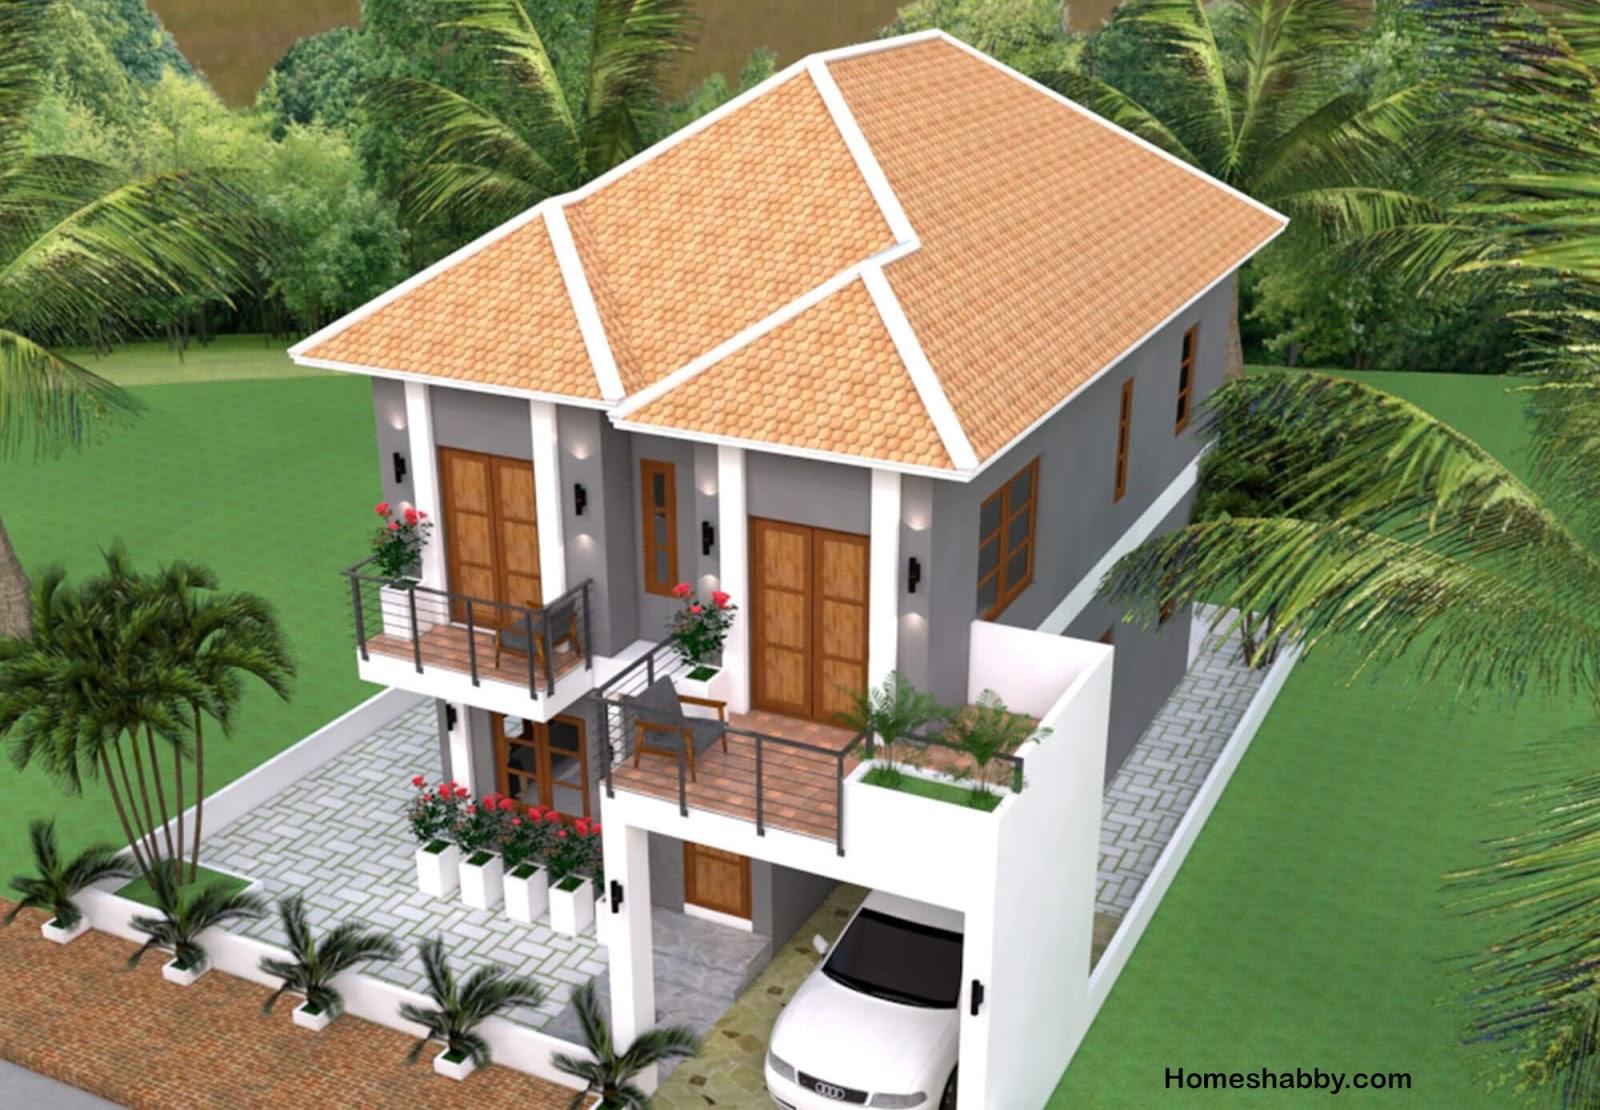 Desain dan Denah Rumah Minimalis 2 Lantai Cocok untuk di ...